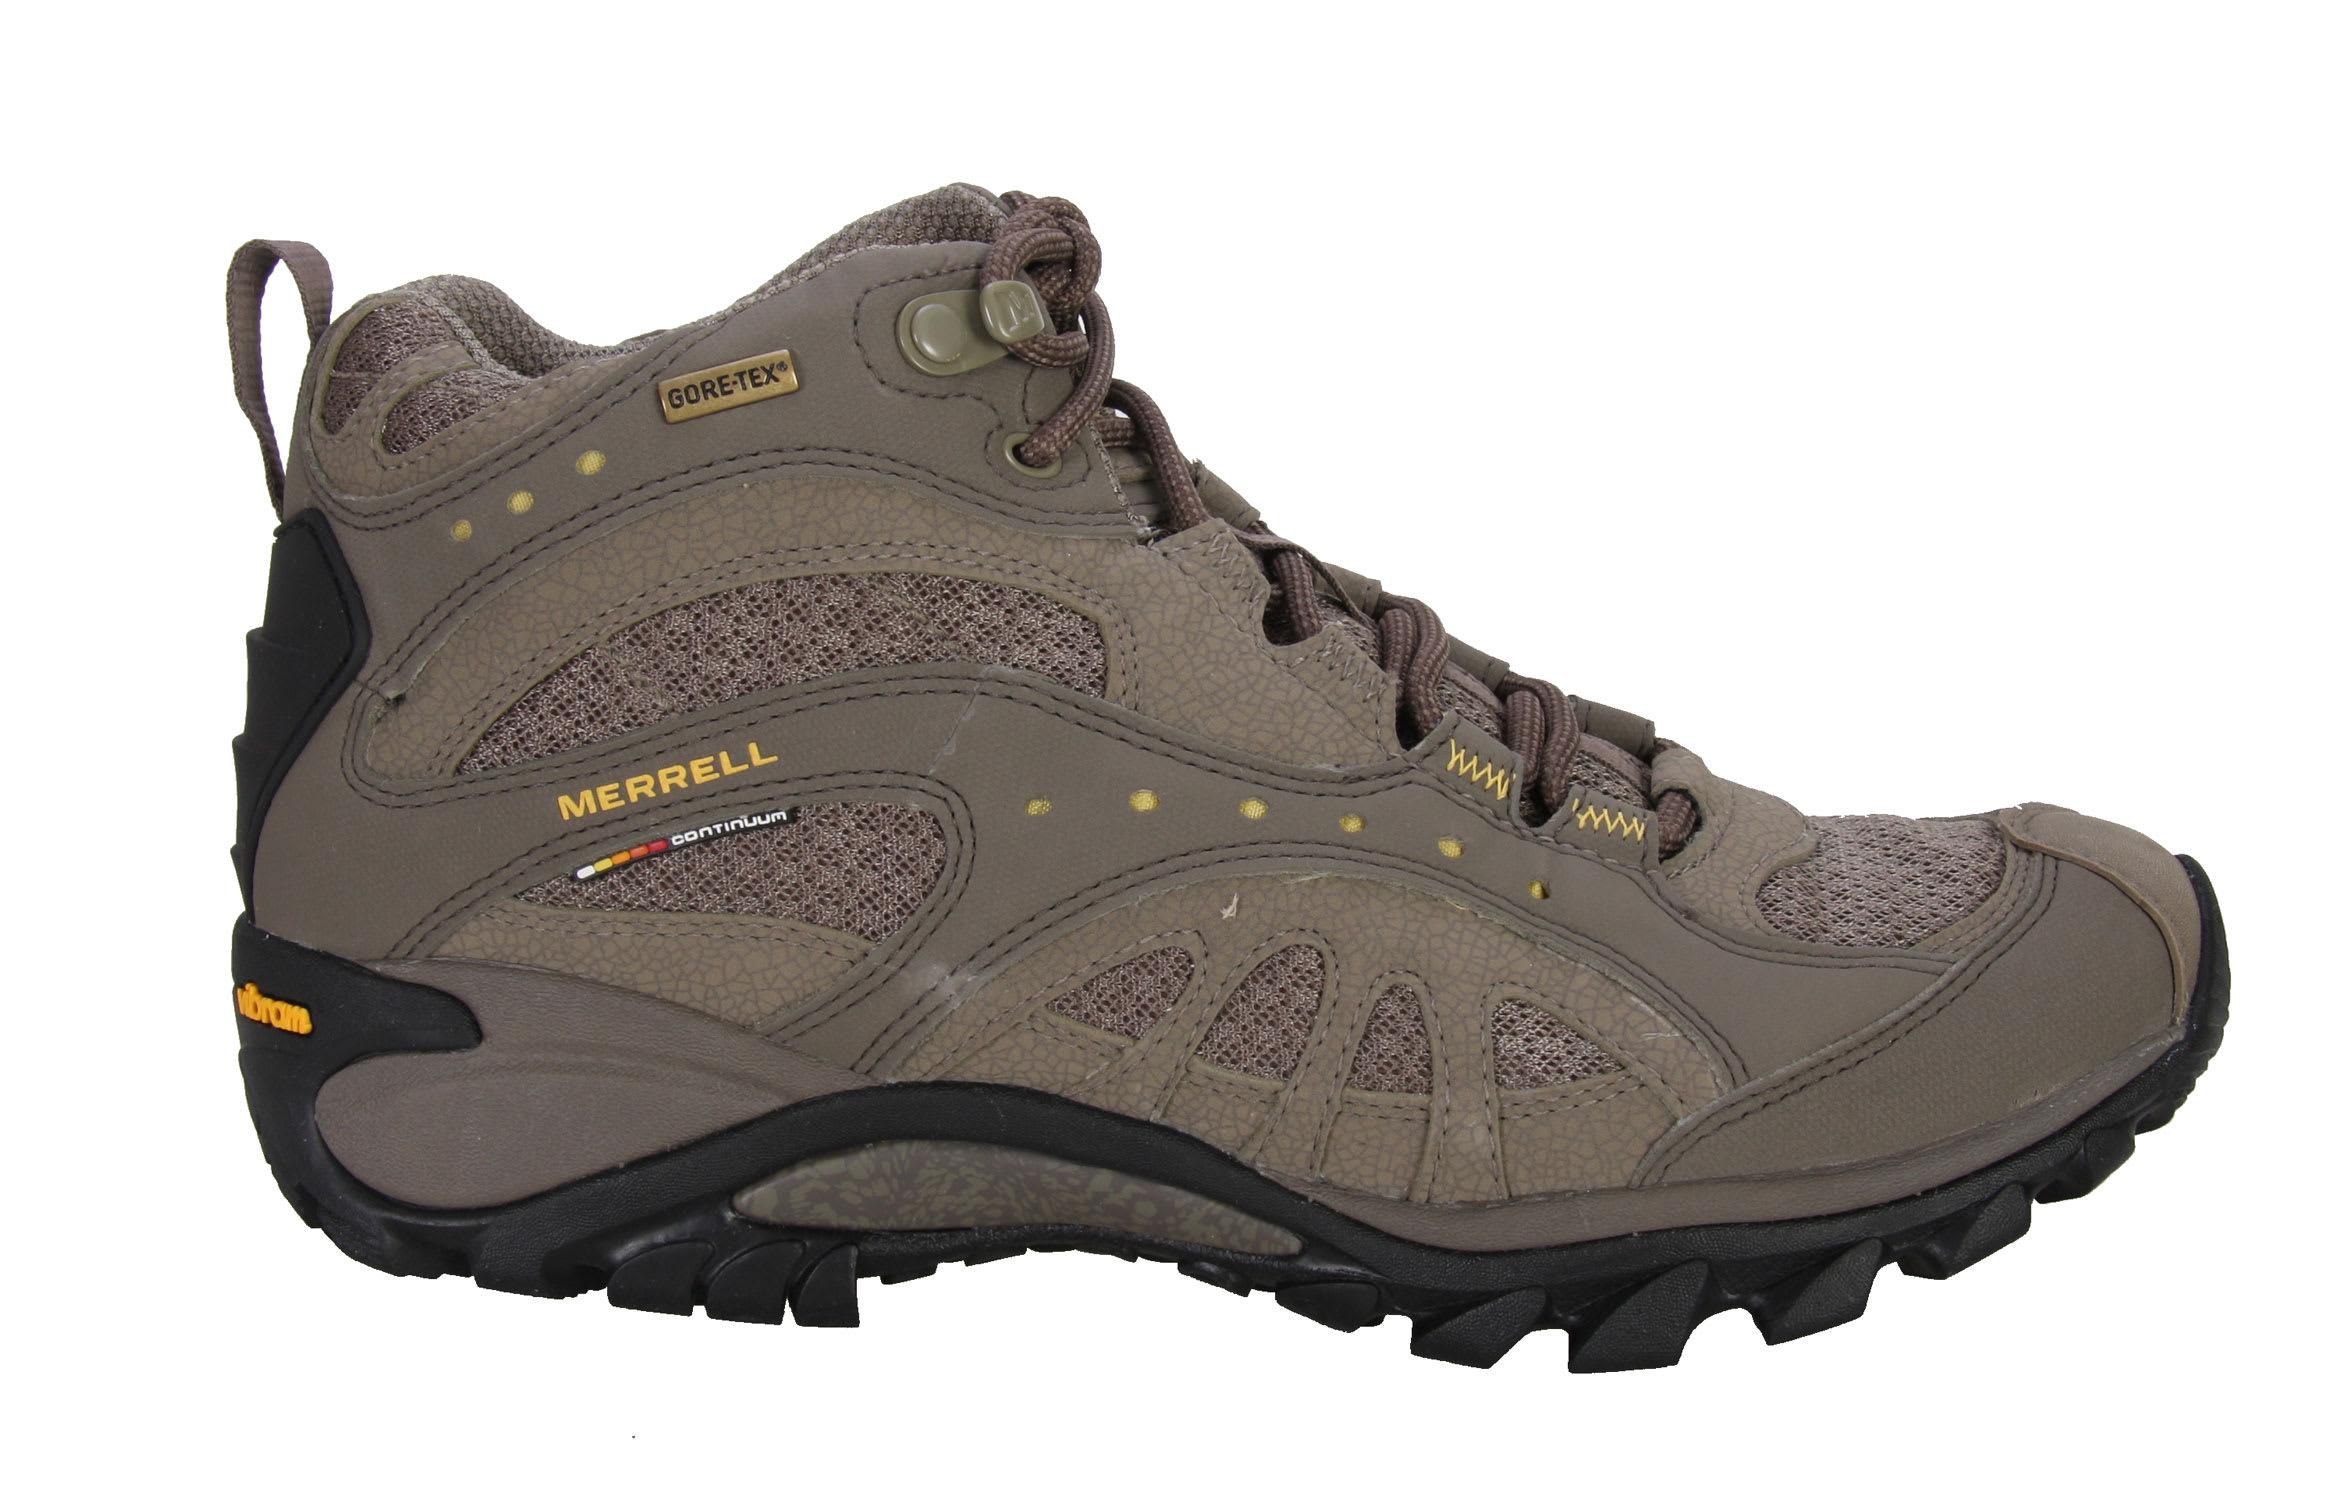 21d18e4d98387 Merrell Siren Song Mid Sport GTX Hiking Shoes - thumbnail 1